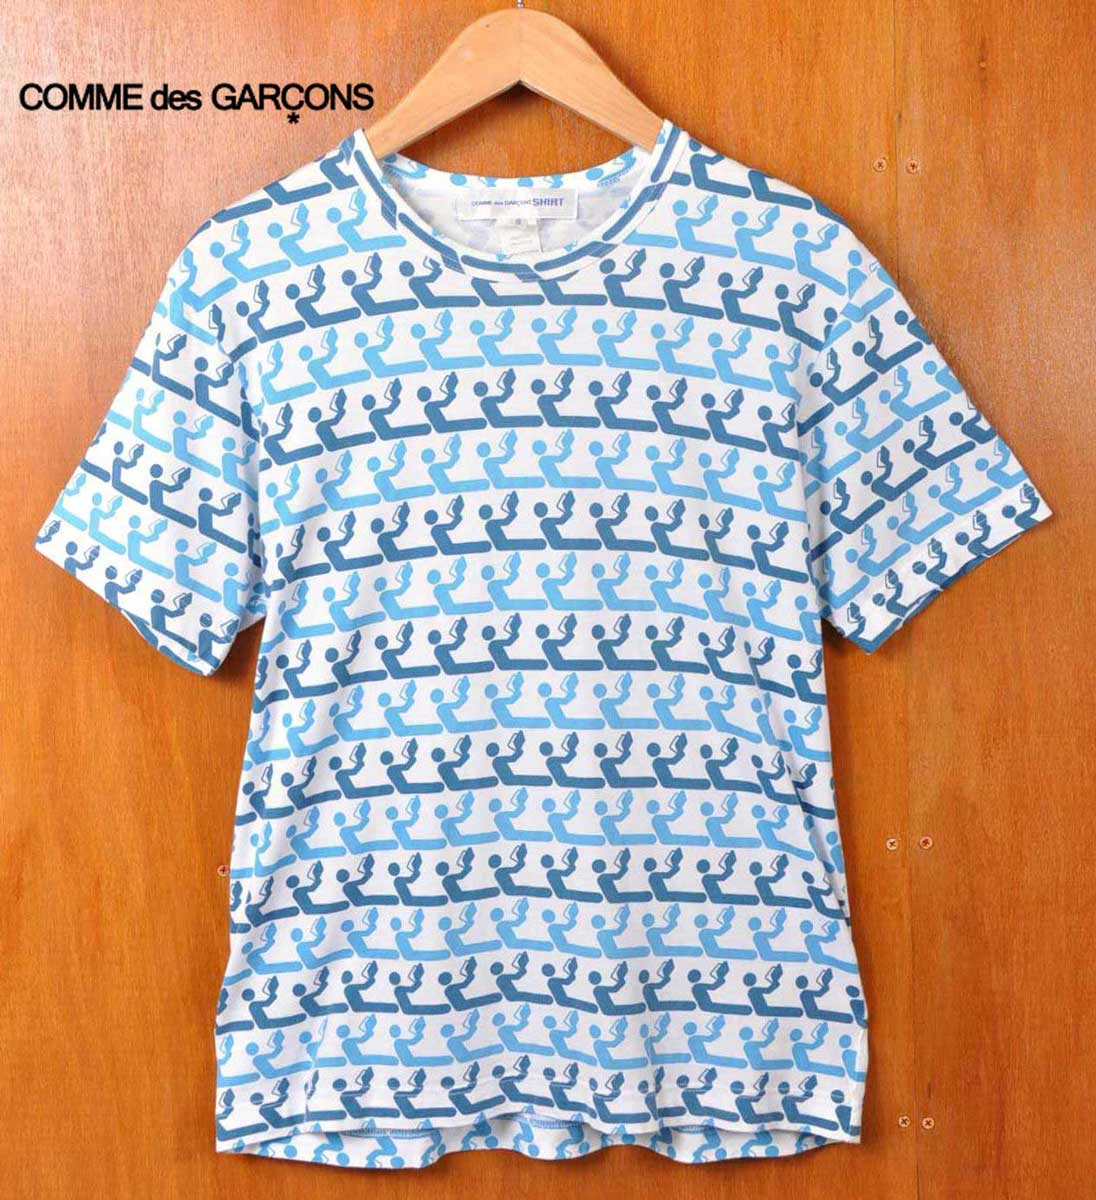 土耳其製造/COMME des GARCONS SHIRT com·德·姑娘損失襯衫/短袖T恤/白×藍色派閲讀花紋總花紋/人S▽